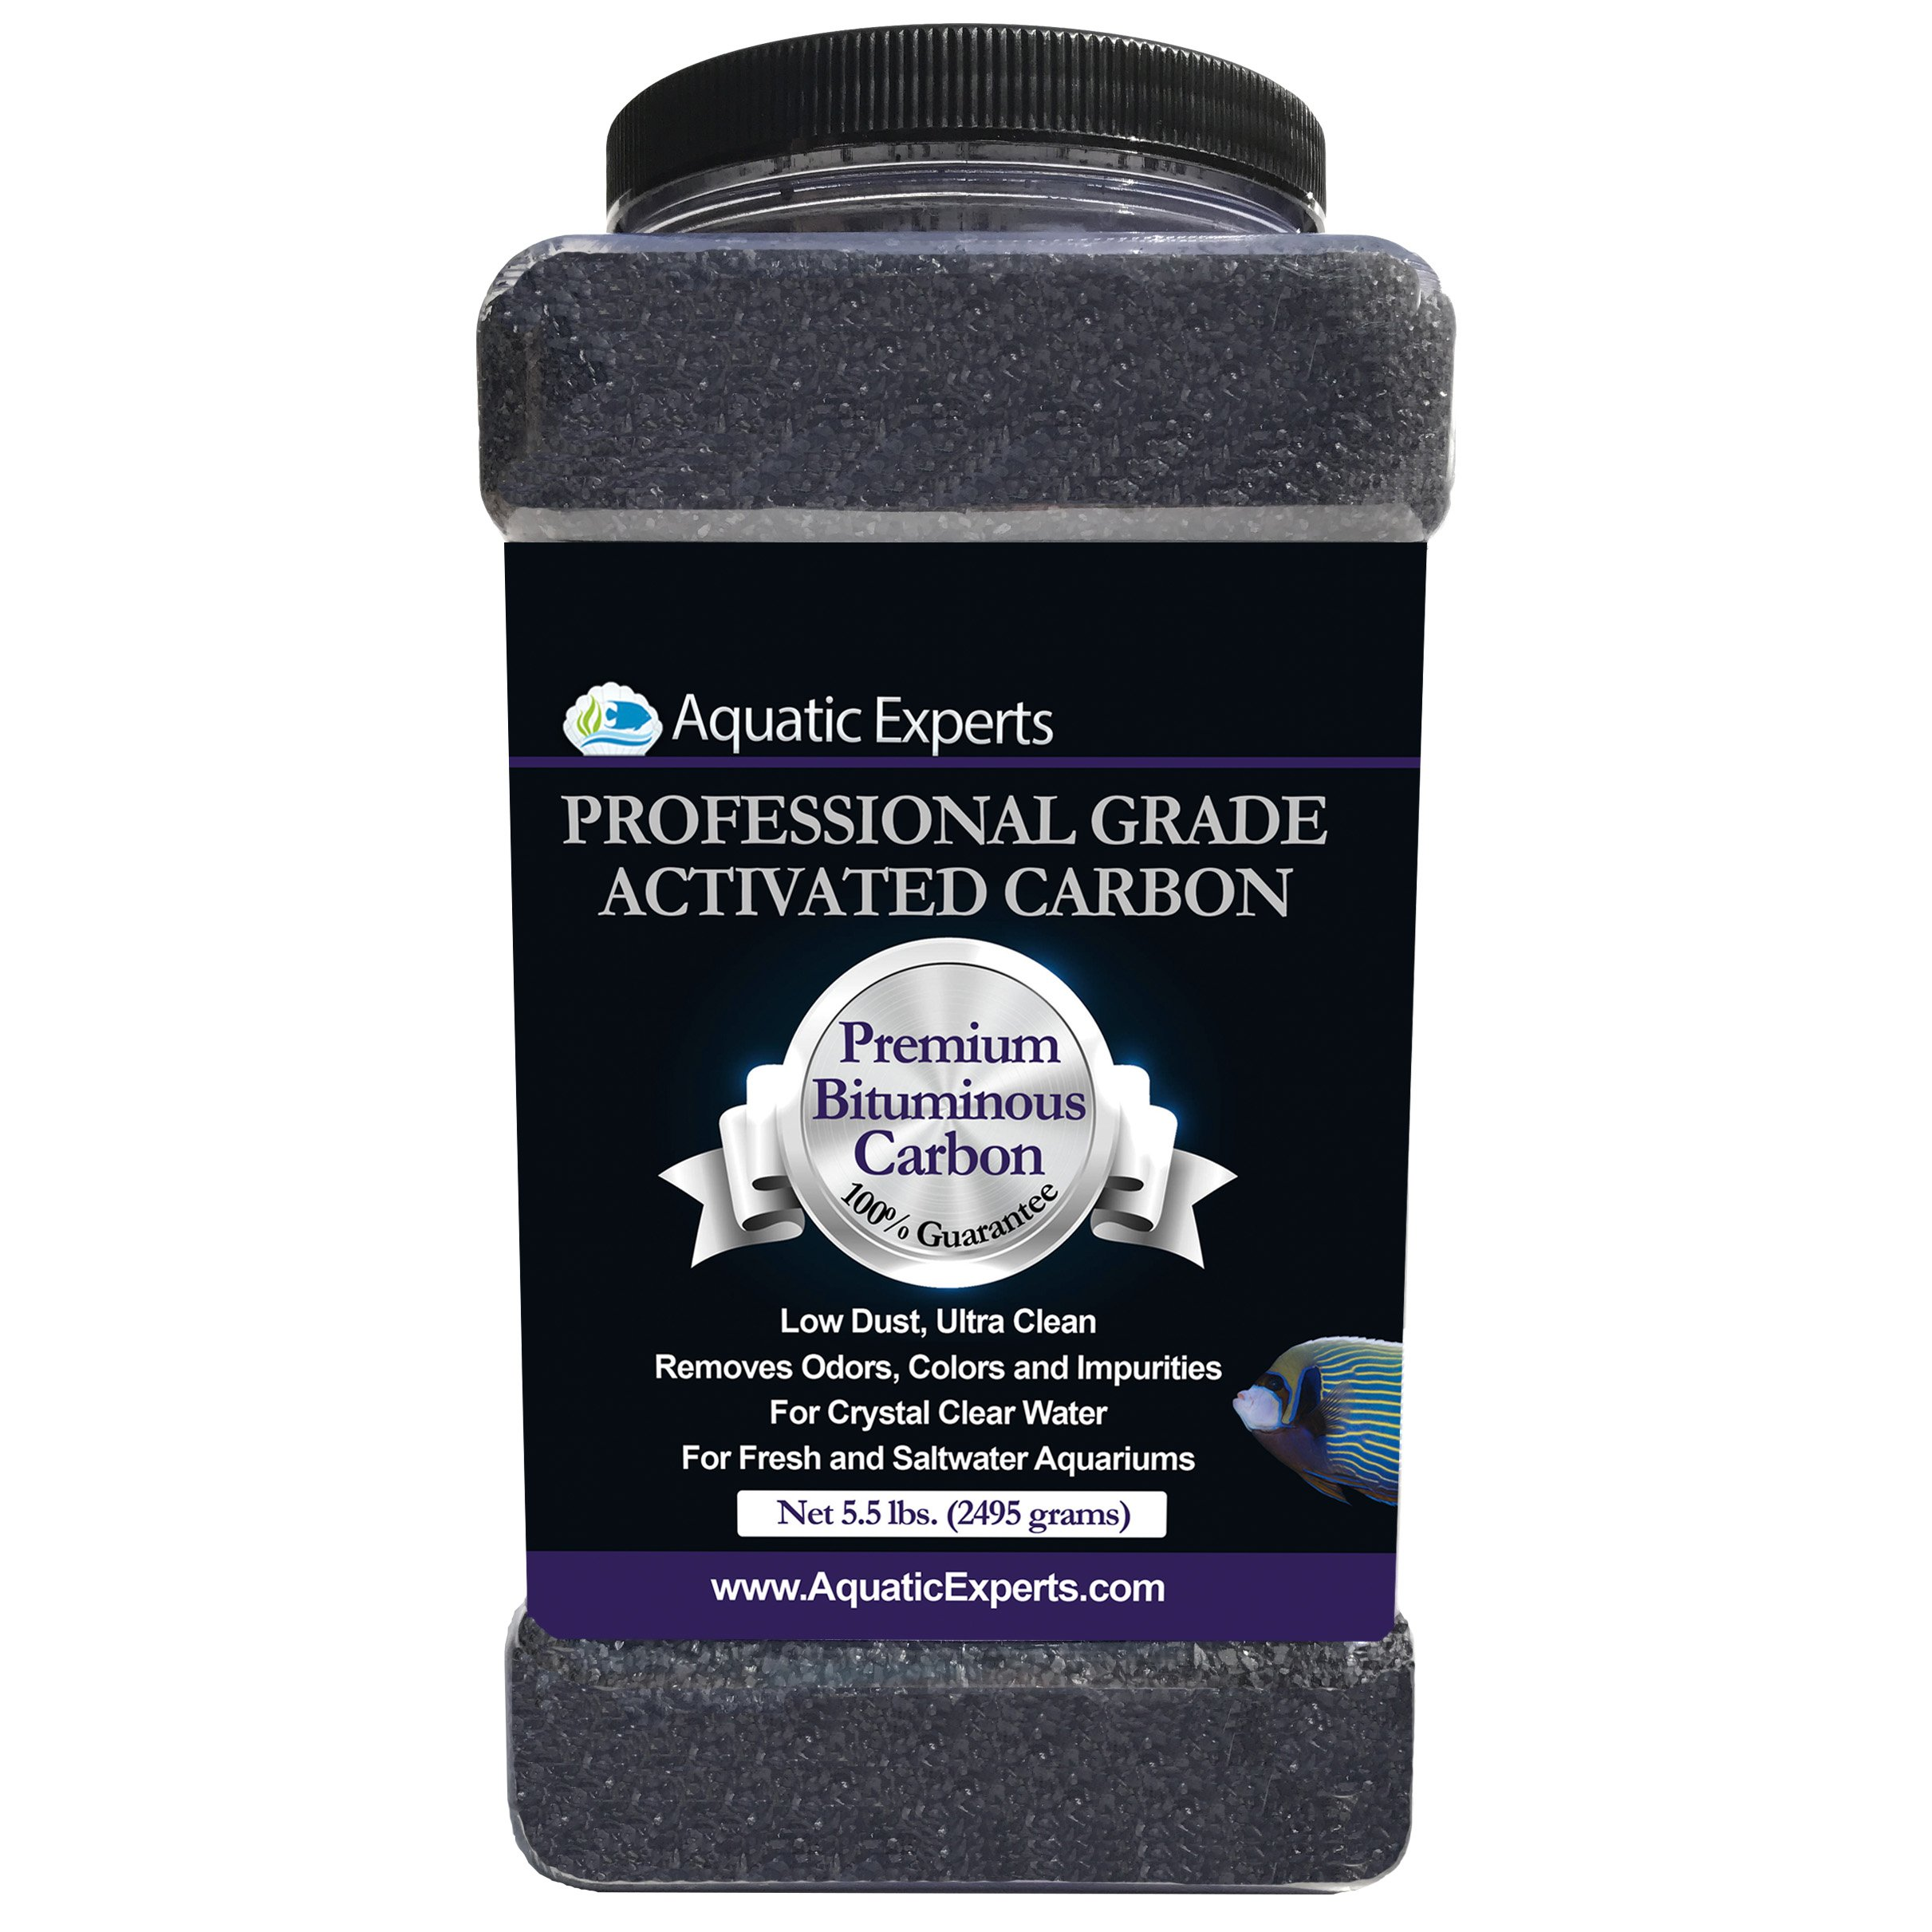 Aquatic Experts Premium Activated Carbon - Aquarium Filter Charcoal Media with Fine Mesh Bag - 5.5 lbs Bulk - Remove Odors and Discoloration with Bituminous Coal by Aquatic Experts